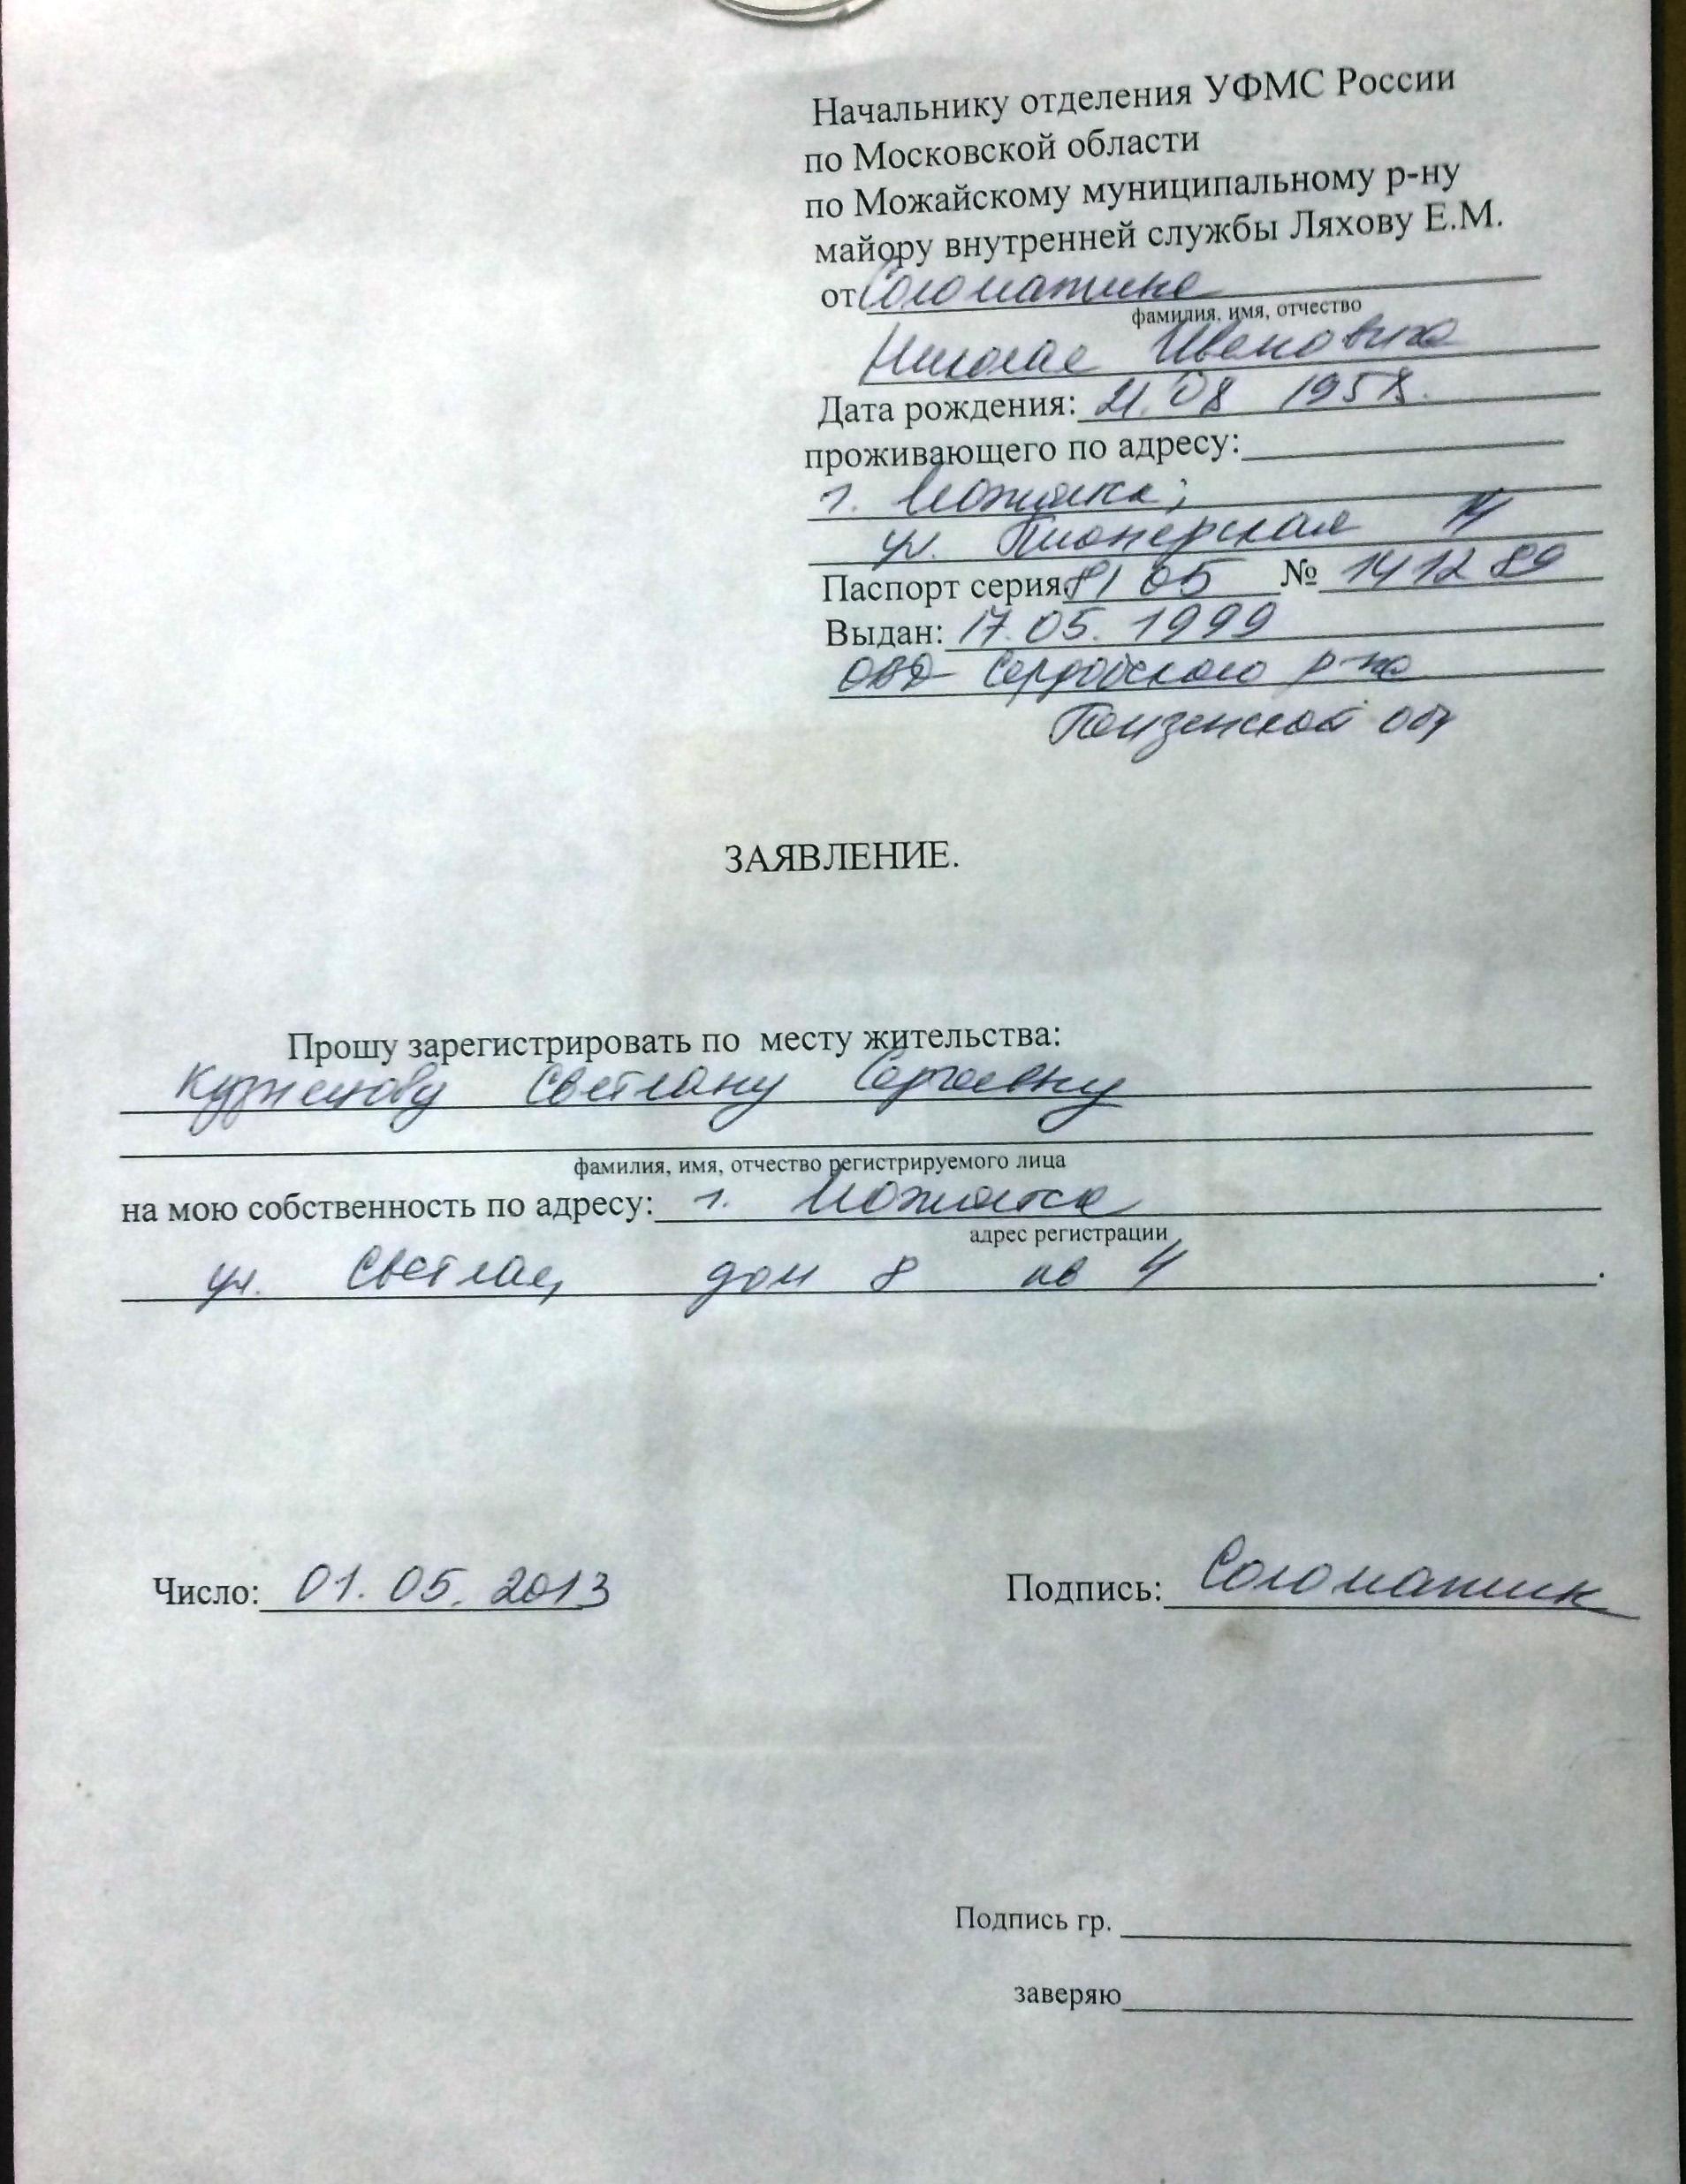 Бланк Временной Регистрации Для Иностранных Граждан Скачать